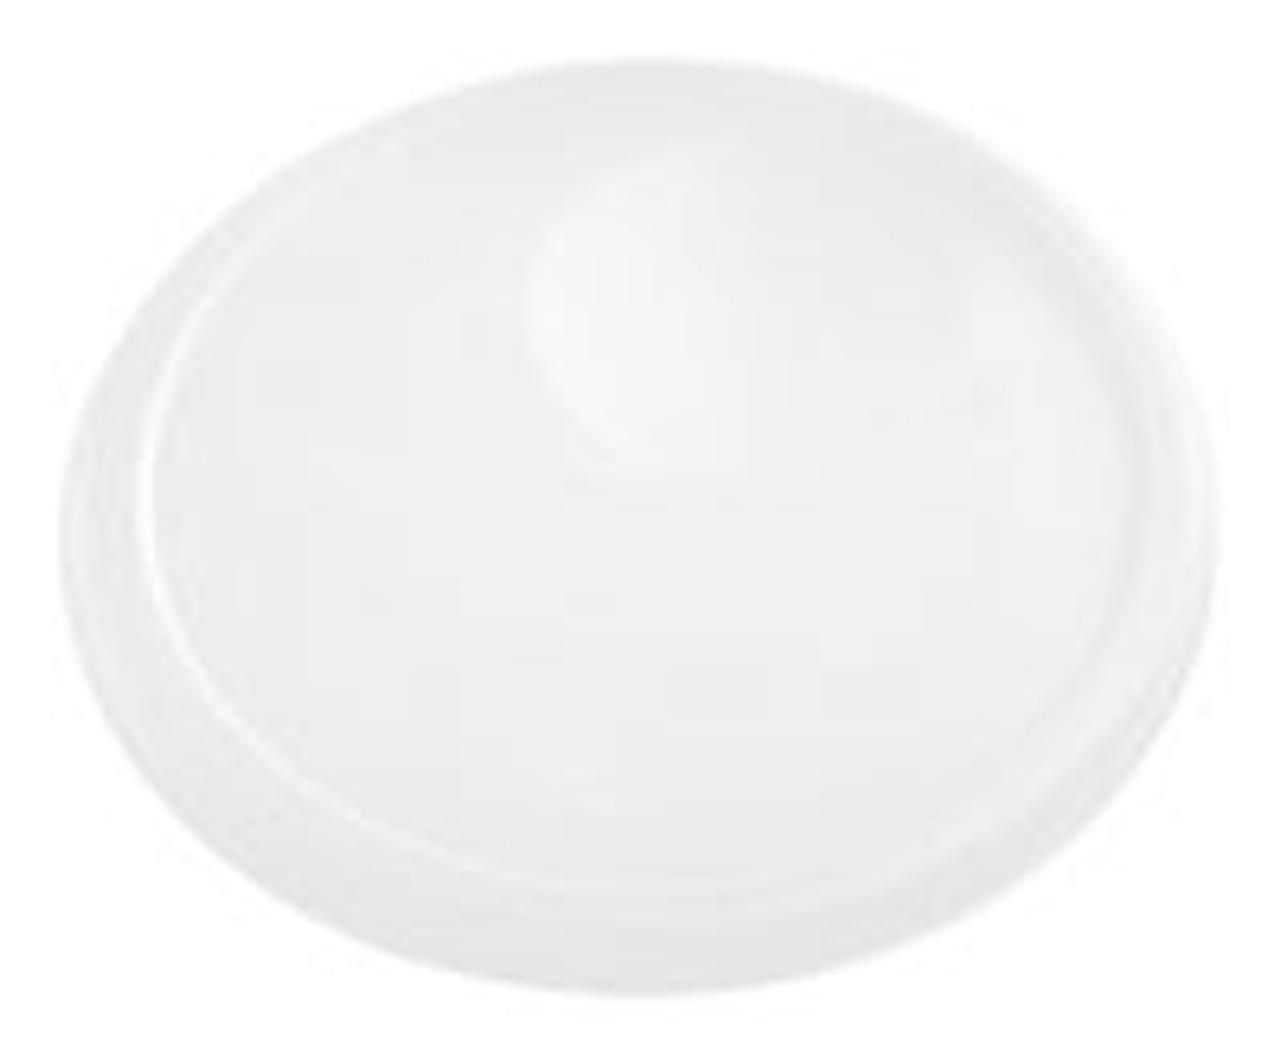 Rubbermaid Round Container Lid - Medium White - 1980259